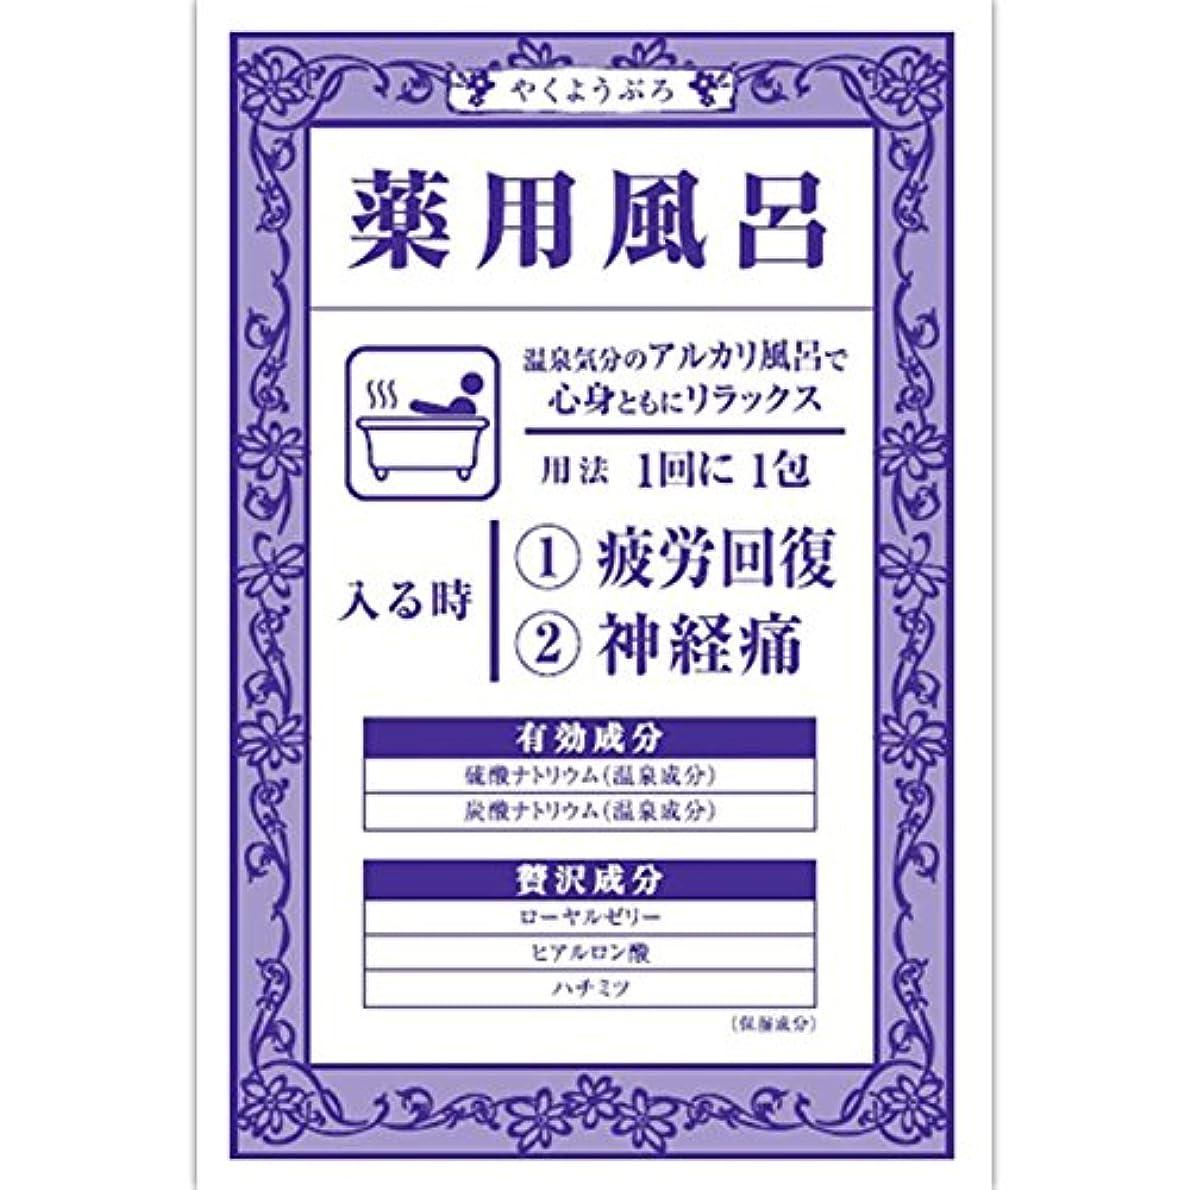 大山 薬用風呂KKd(疲労回復?神経痛) 40G(医薬部外品)